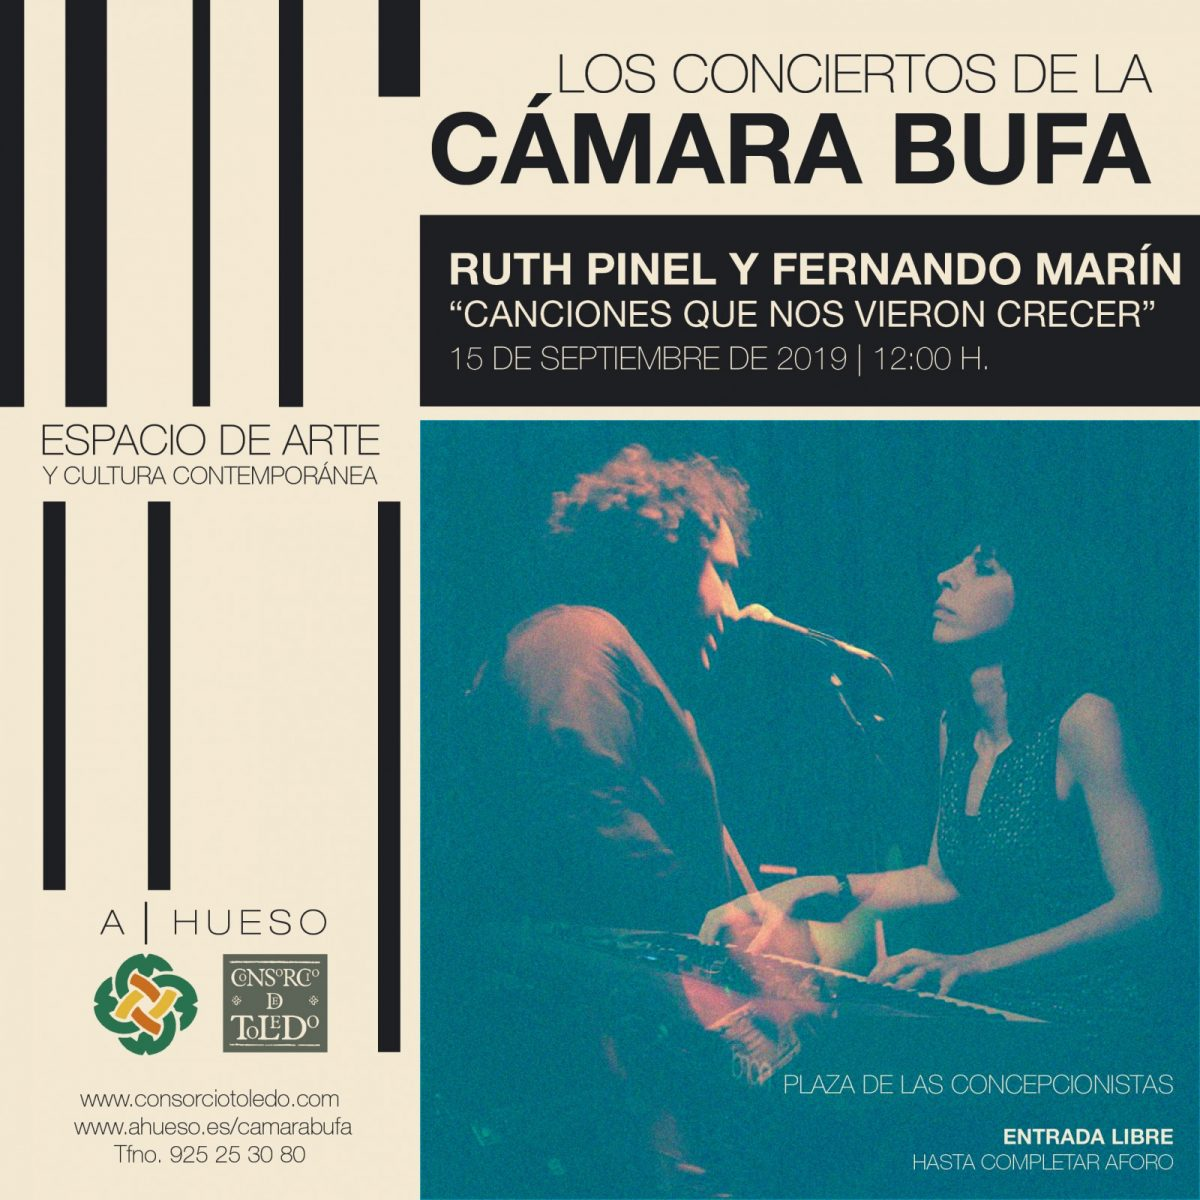 http://www.toledo.es/wp-content/uploads/2019/03/img_9495-1200x1200.jpg. Los Conciertos de la CÁMARA BUFA: Ruth Pinel y Fernando Marín